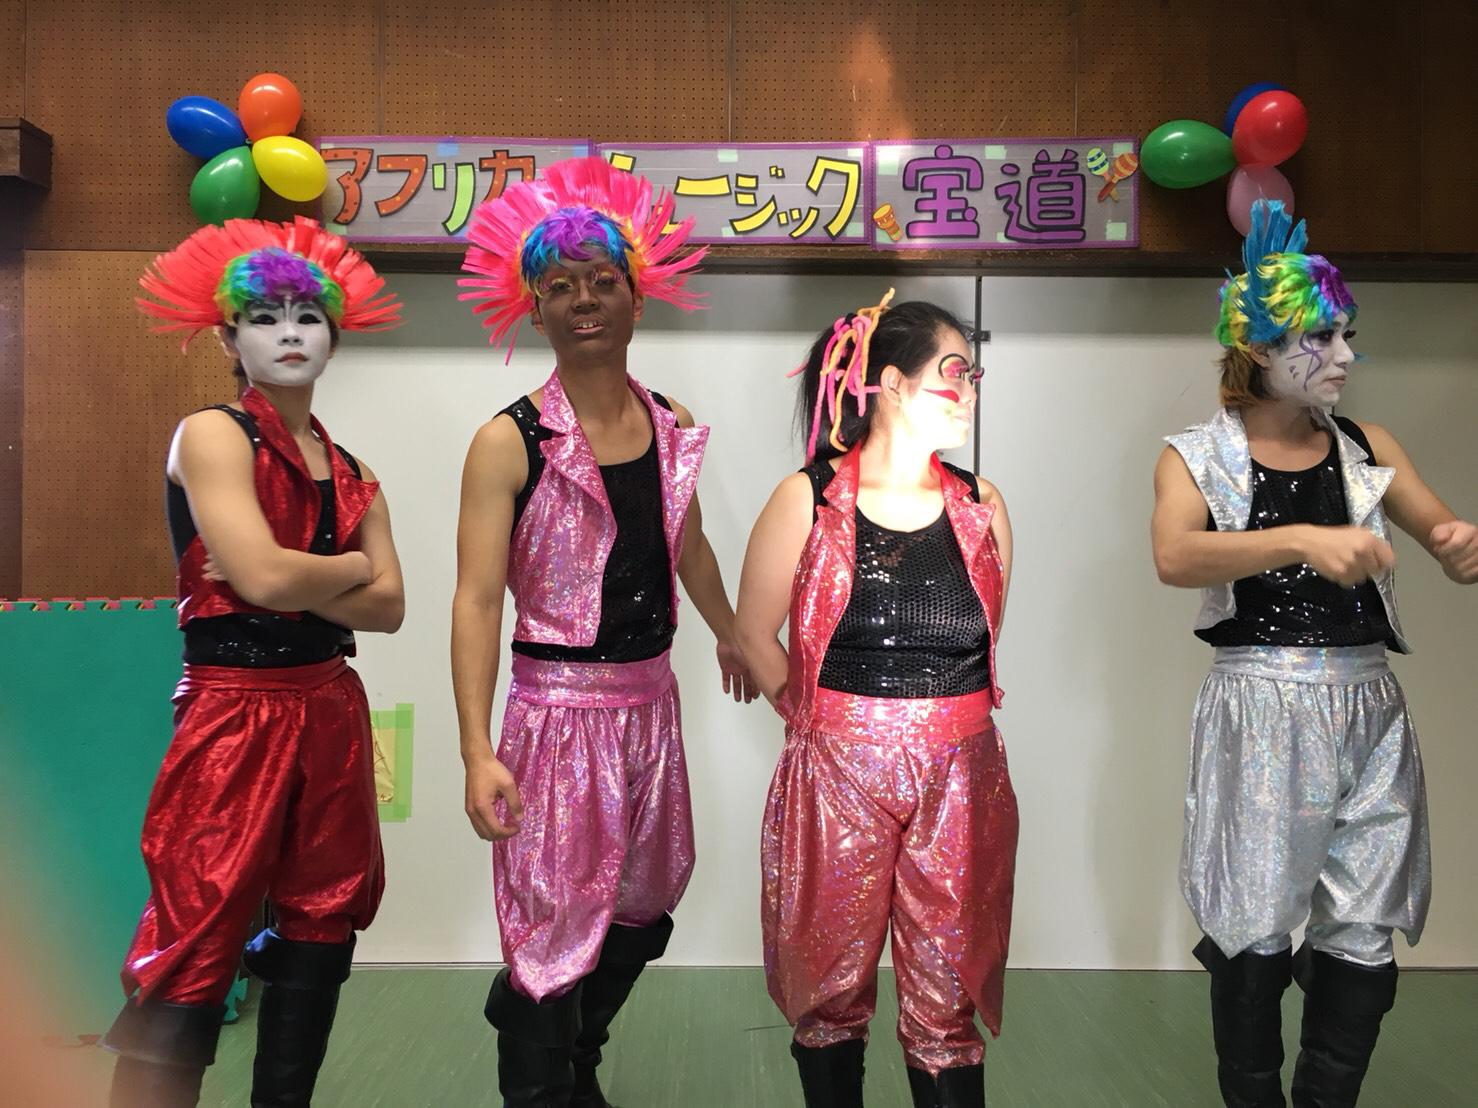 2018/02/18 白山こども文化センター